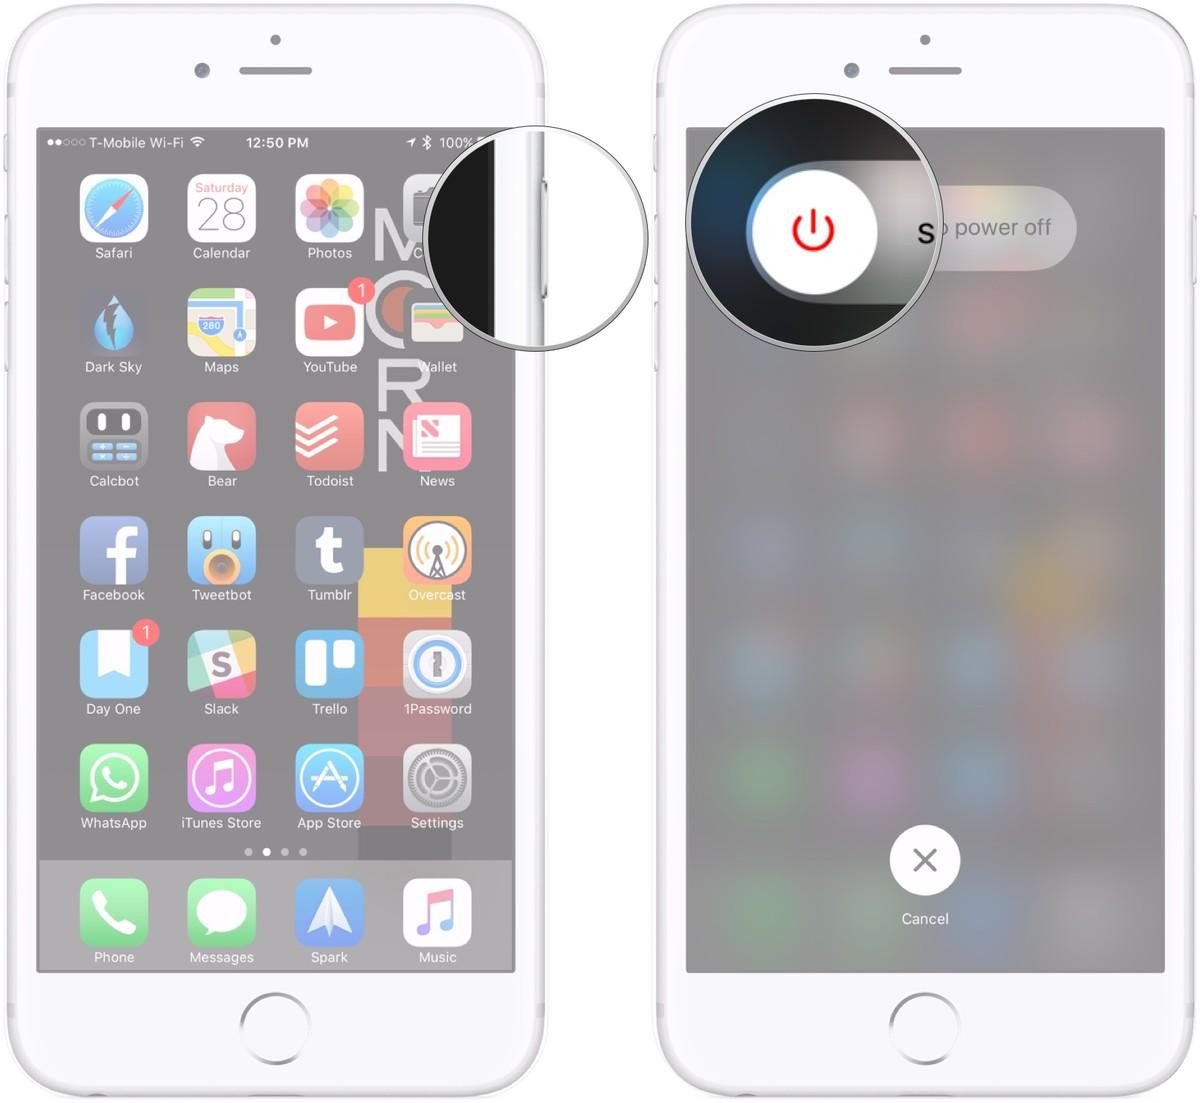 papka-foto-legkijj-sposob-pereklyuchit-vash-iphone-ili-ipad-v-rezhim-vosstanovleniya-recovery-mode-iphone7-screens-1